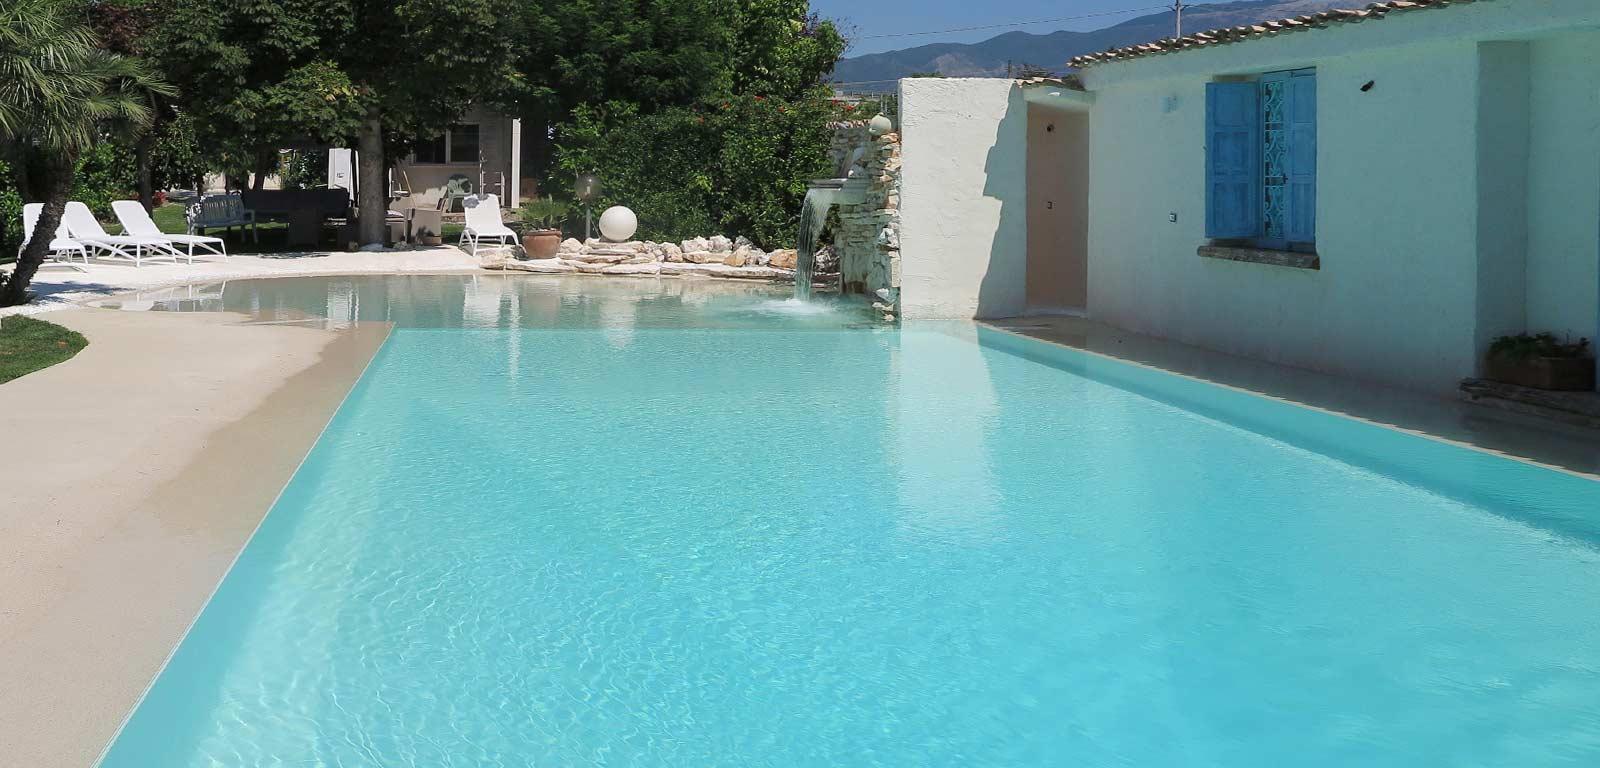 Piscine per il relax la piscina del benessere piscine for Quanto costa costruire una piscina